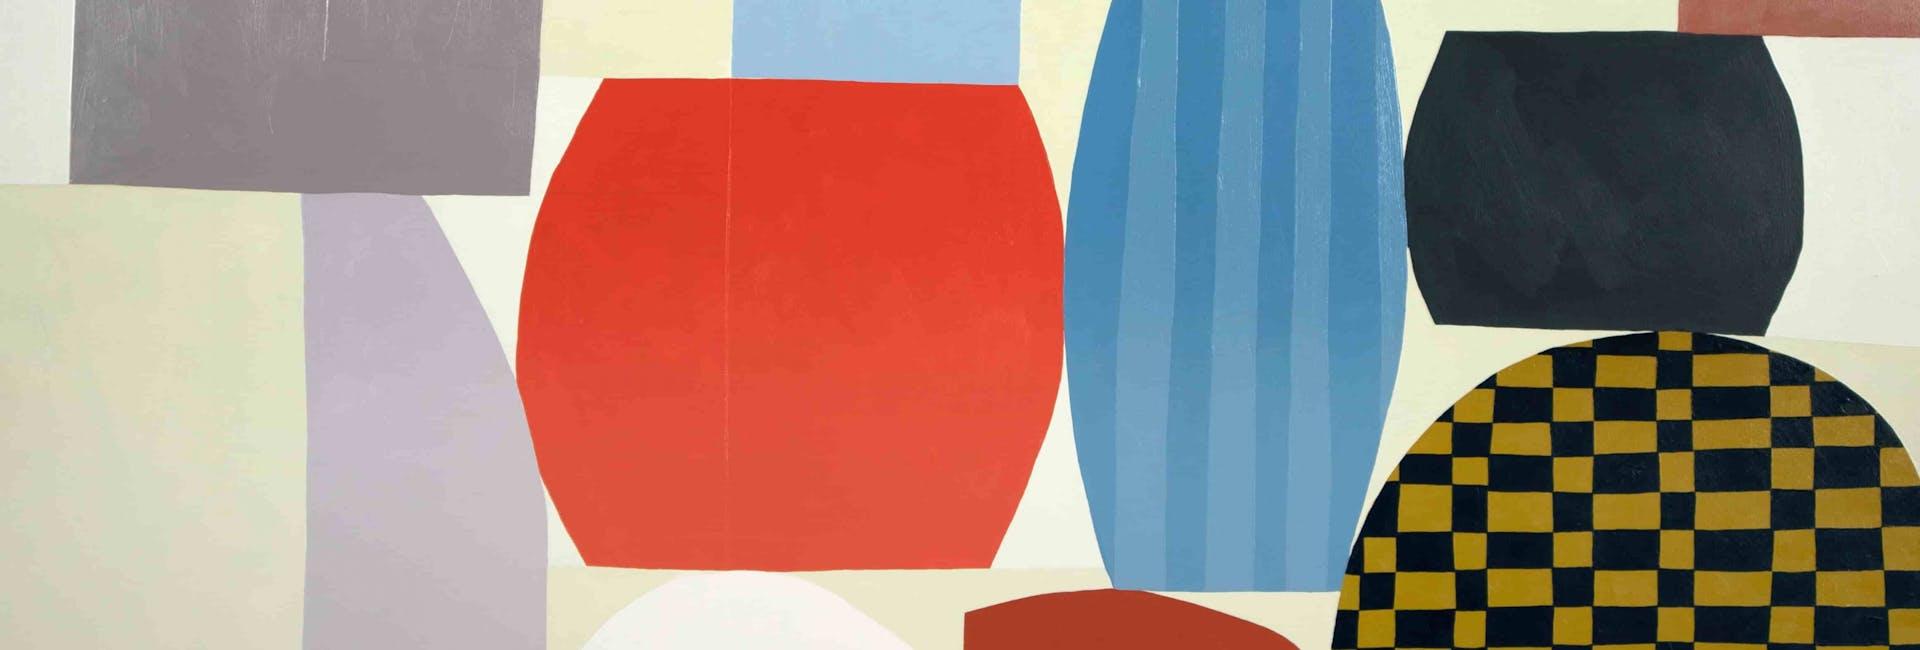 Modern Art, Art, Graphics